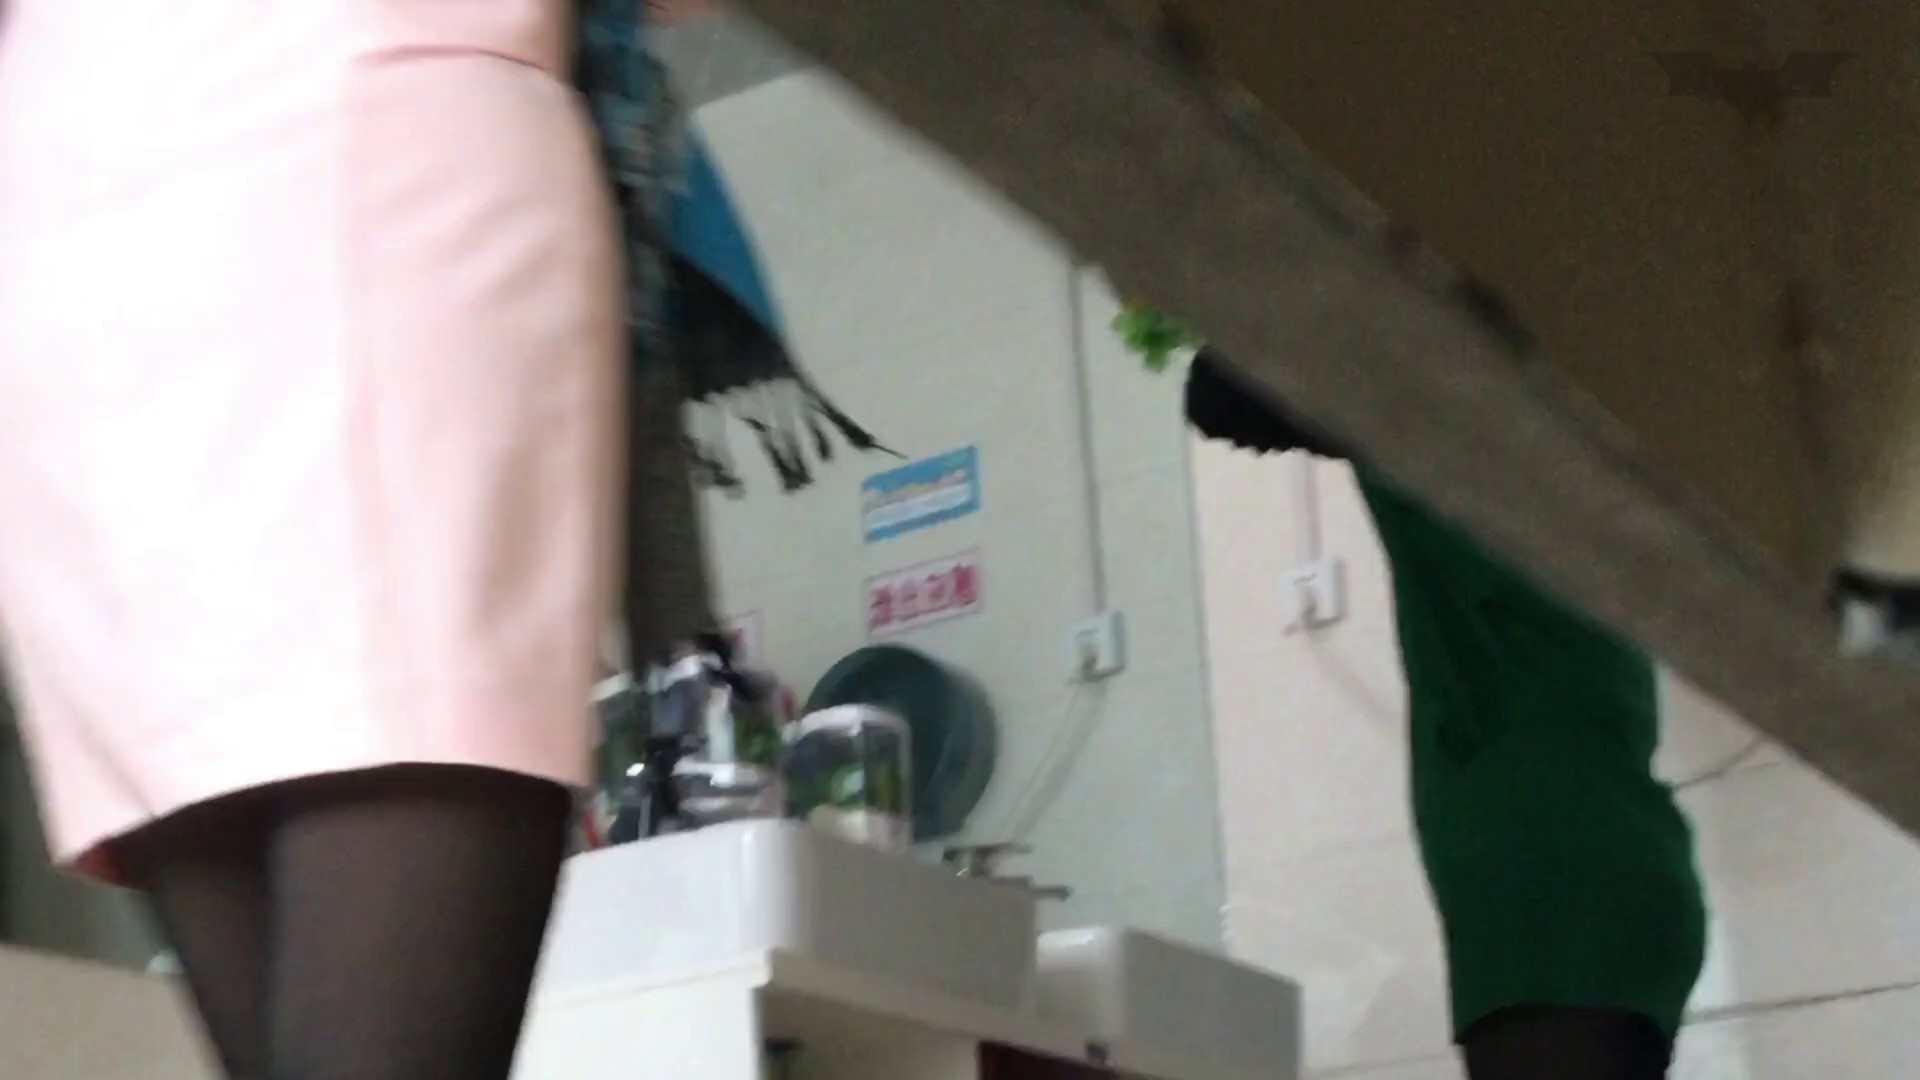 芸術大学ガチ潜入盗撮 JD盗撮 美女の洗面所の秘密 Vol.113 細身女性  74画像 12